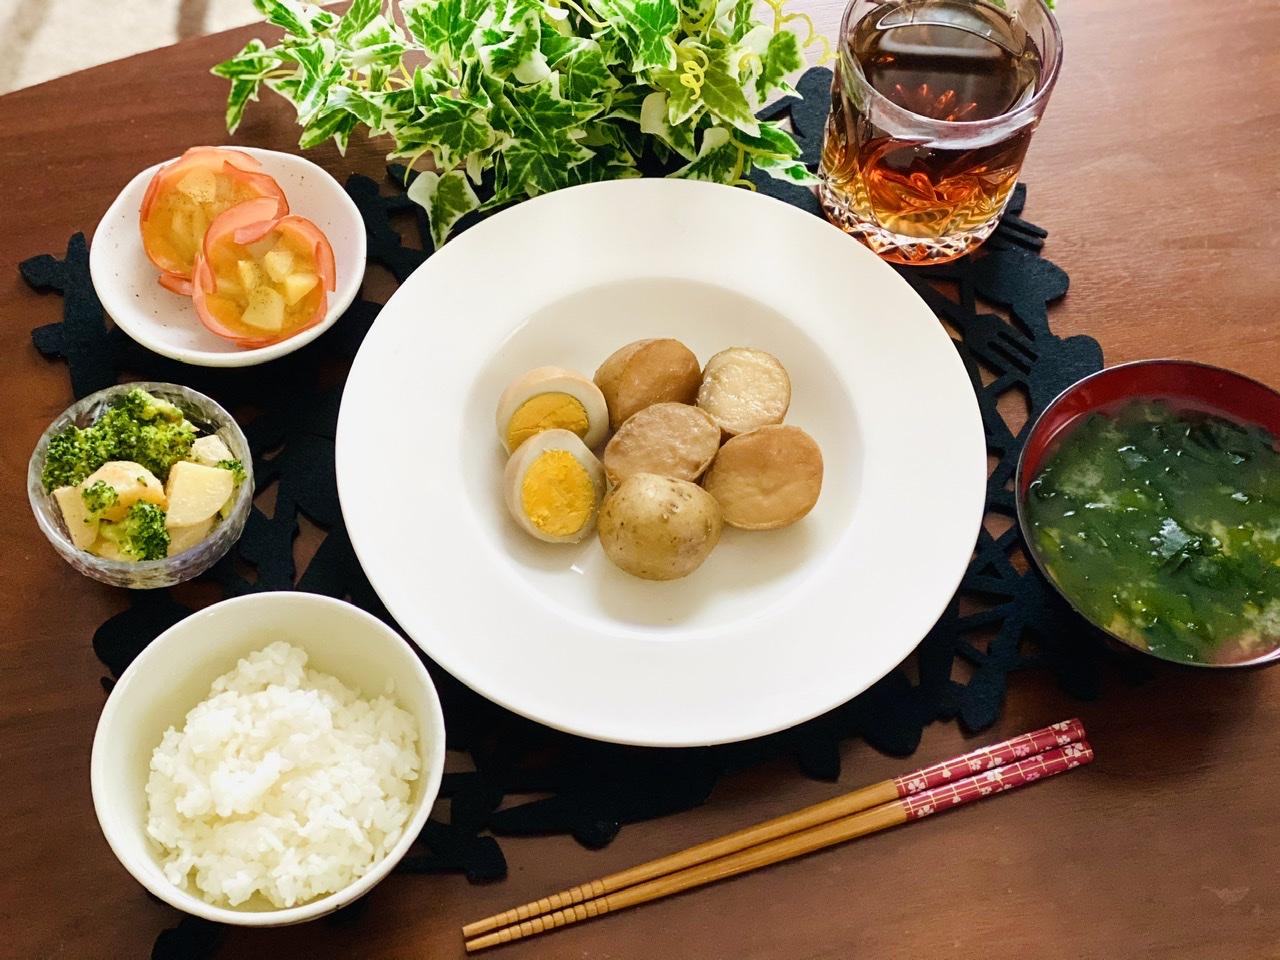 【今月のお家ごはん】アラサー女子の食卓!作り置きおかずでラク晩ご飯♡-Vol.14-_9